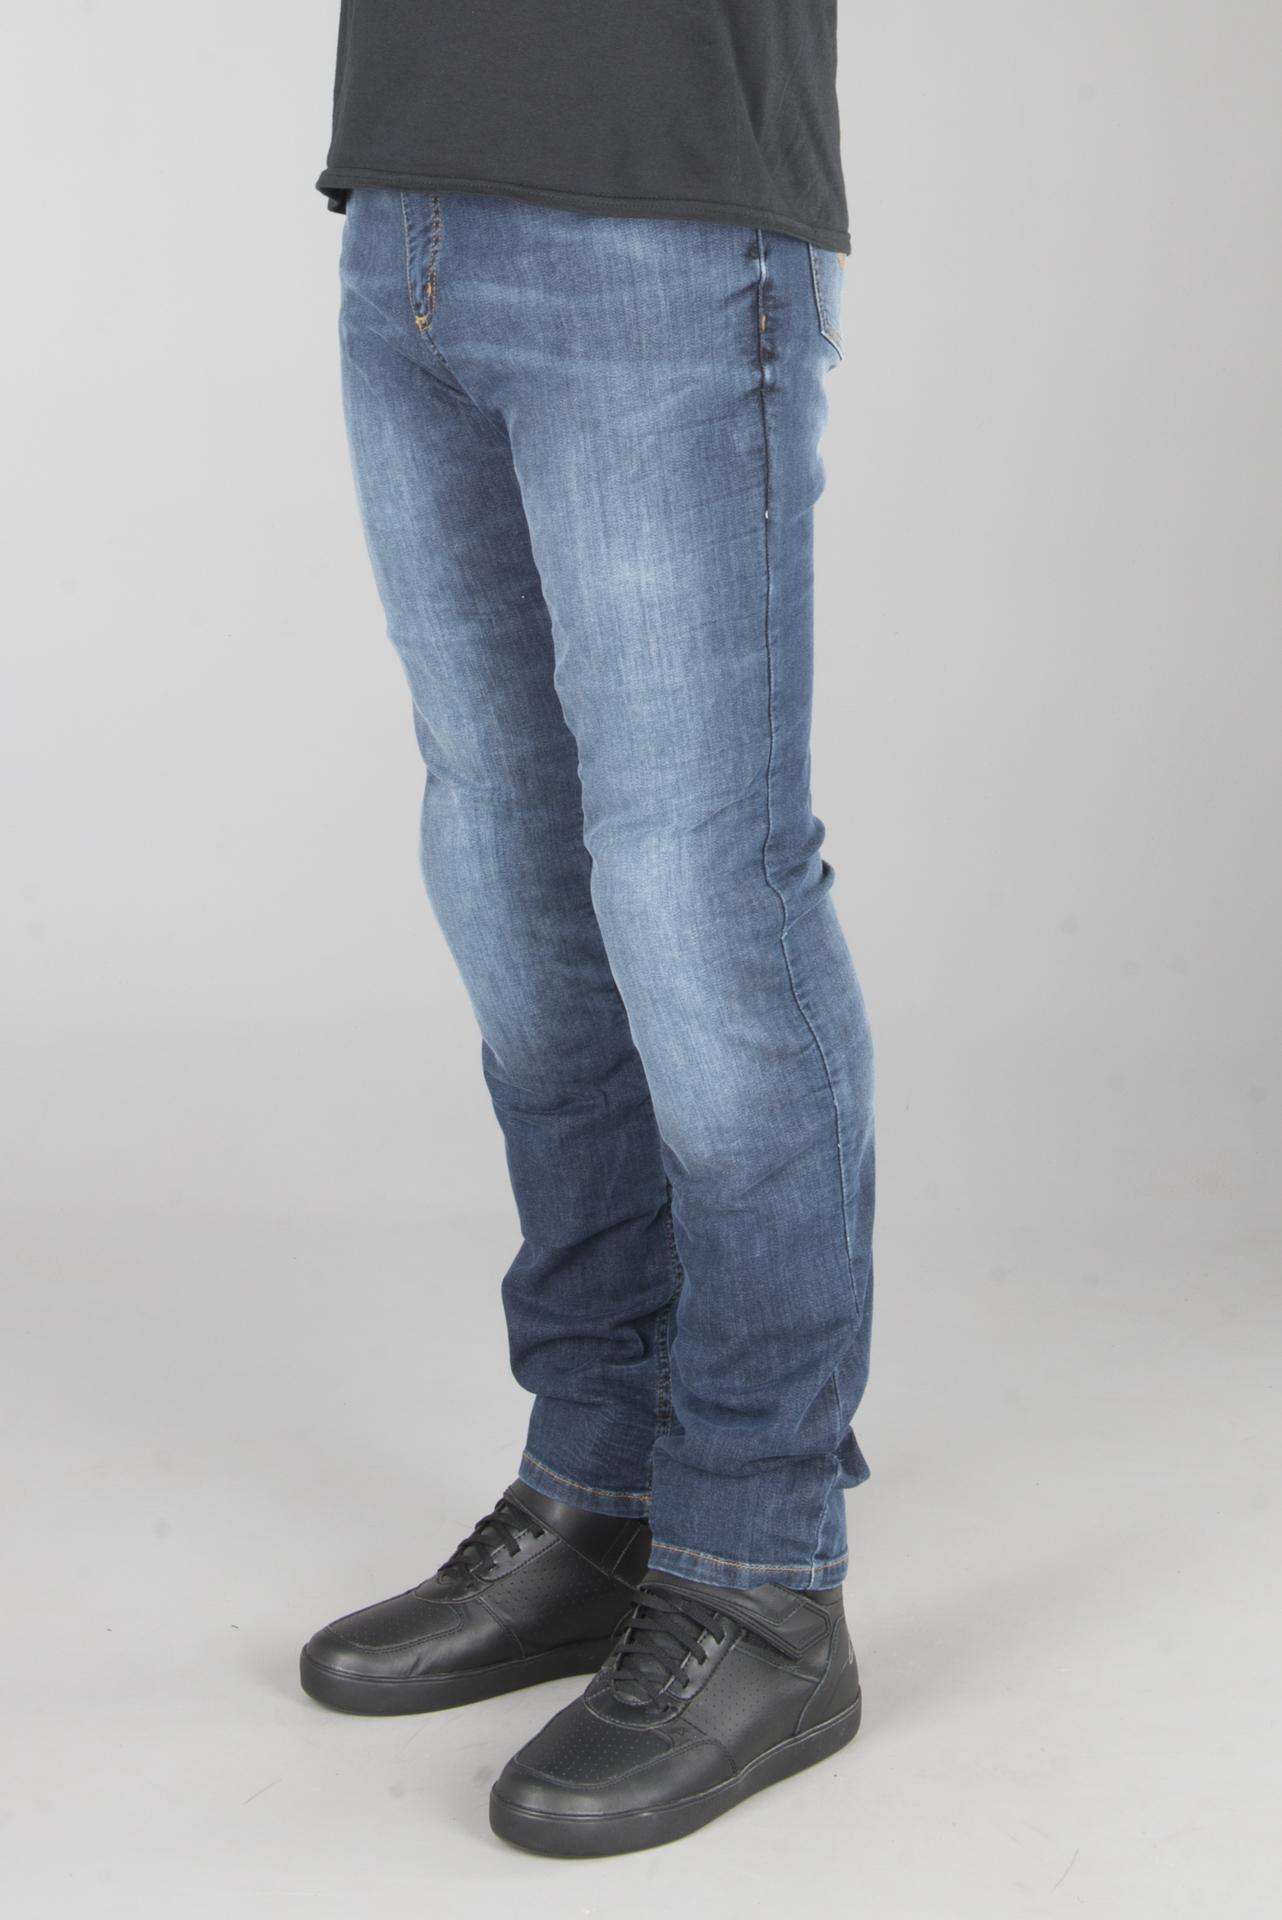 Broek Richa Nora Jeans Blauw